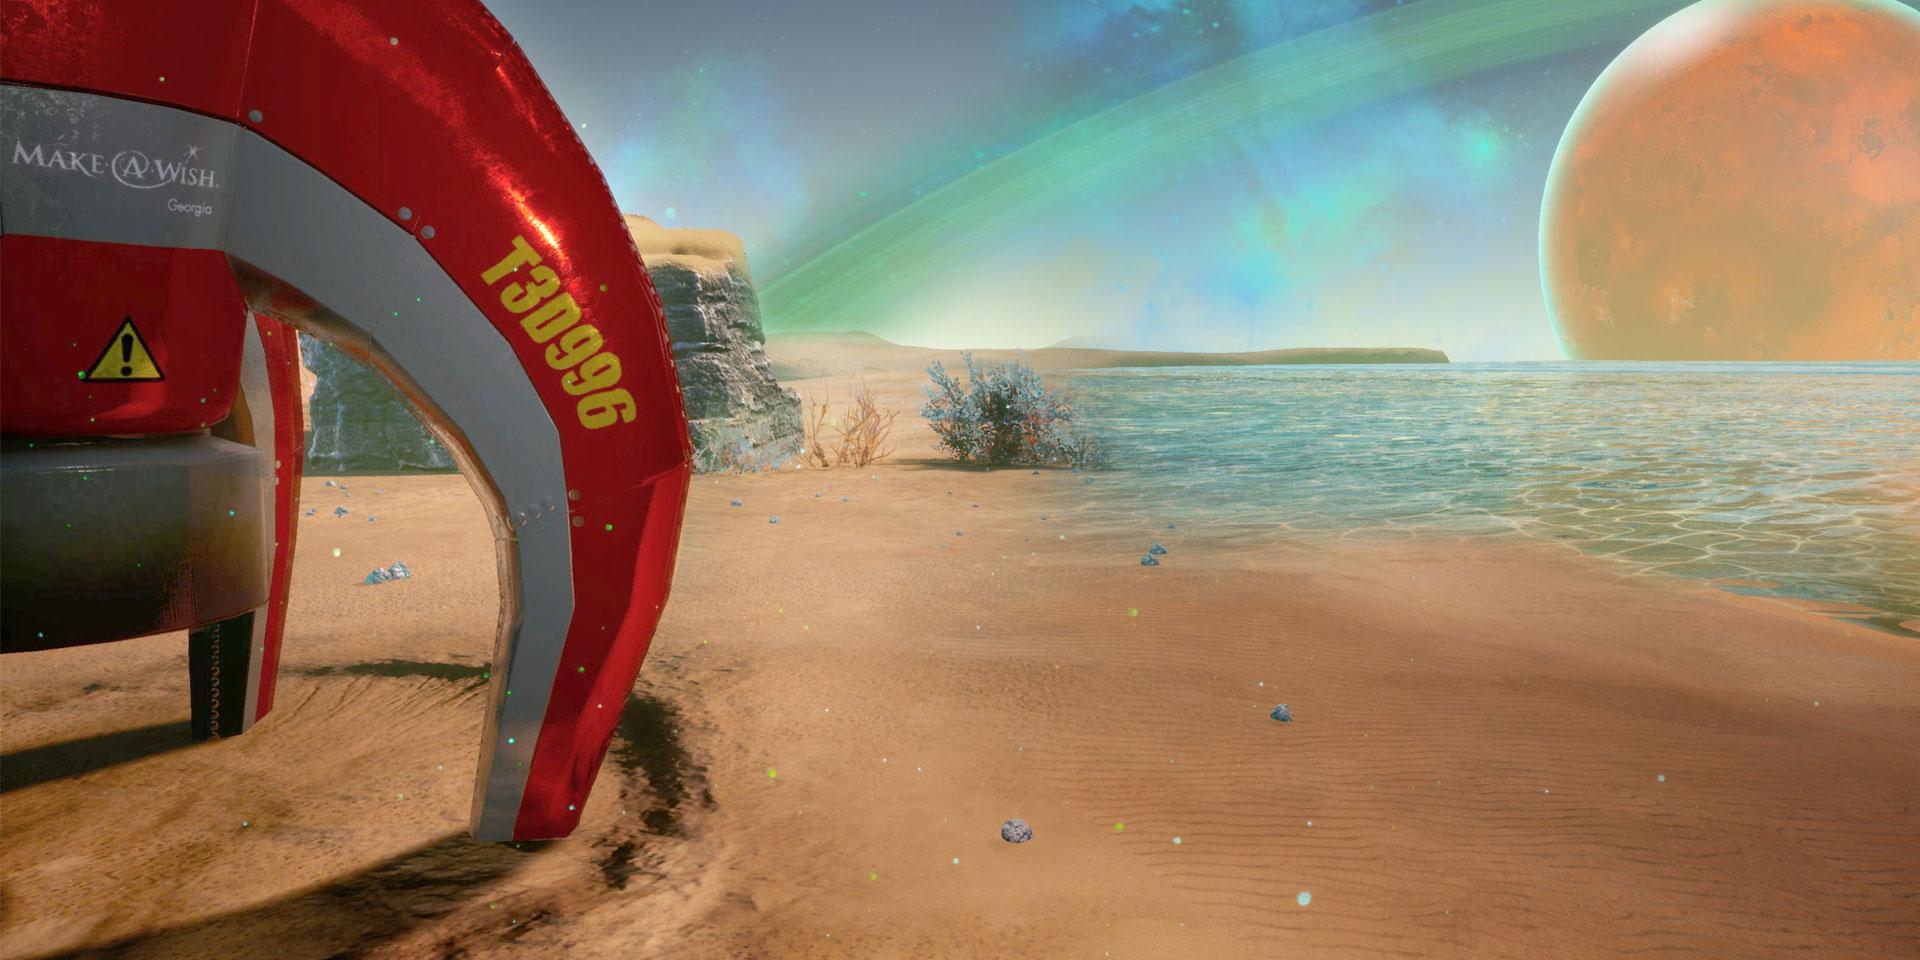 土星探検へ出発! 難病の子供の夢を叶える VR プロジェクト